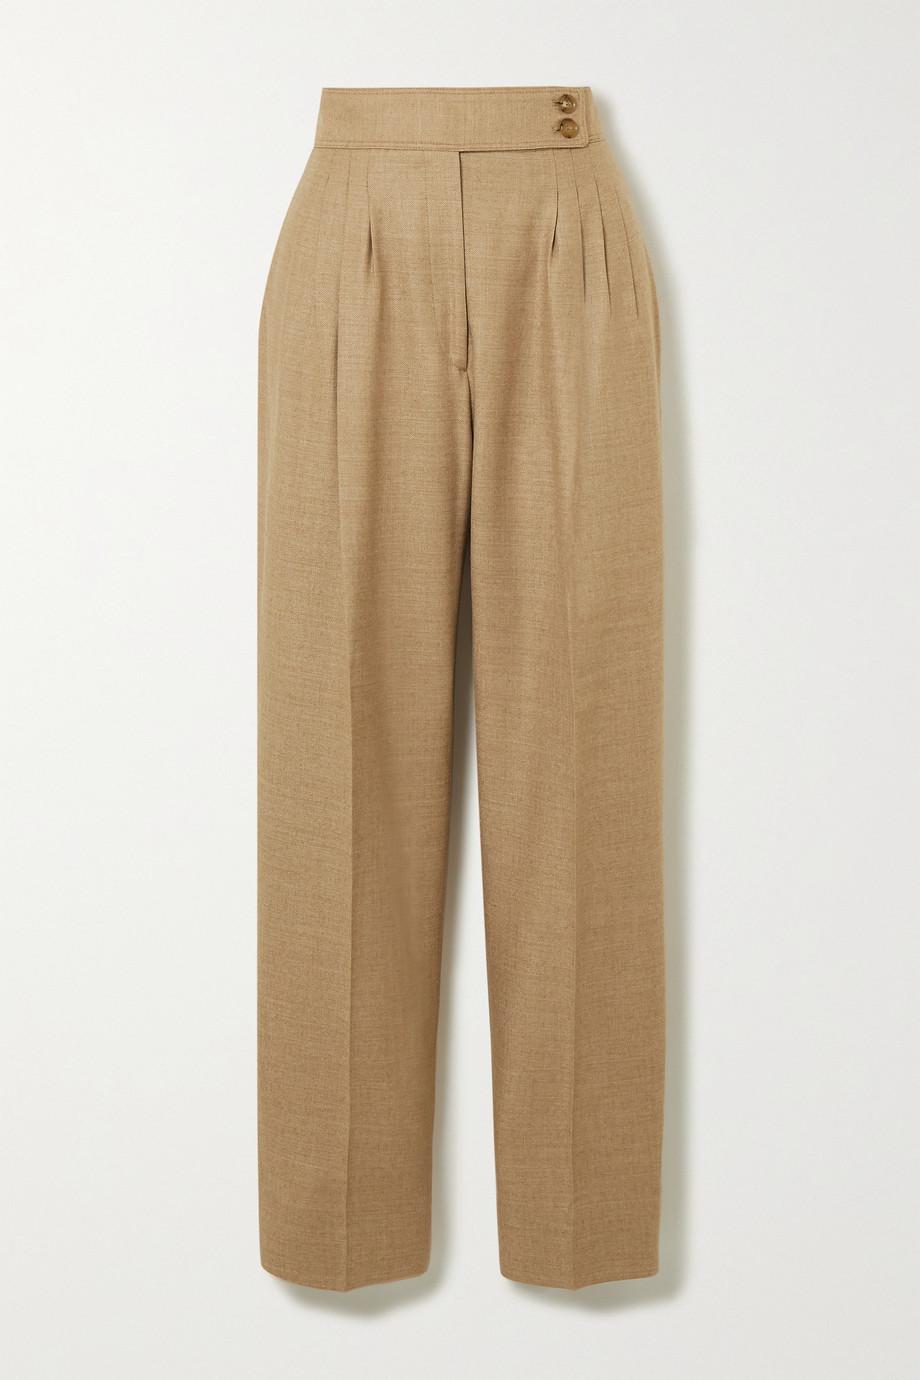 Burberry Hose mit geradem Bein aus Twill aus einer Wollmischung